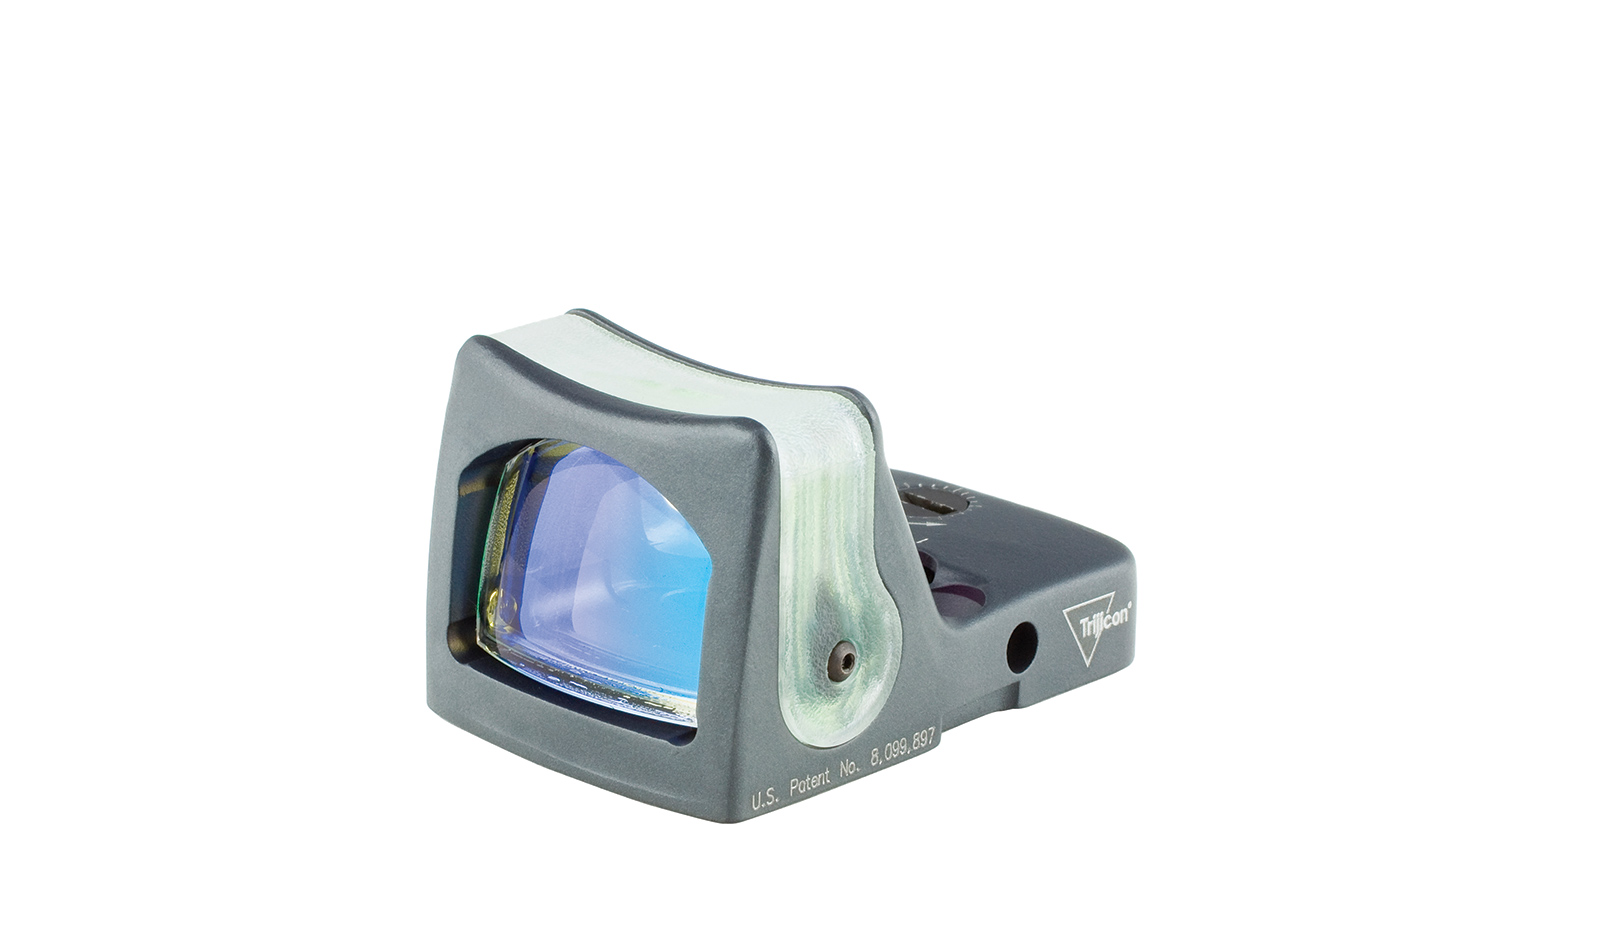 RM08-C-700256 angle 1